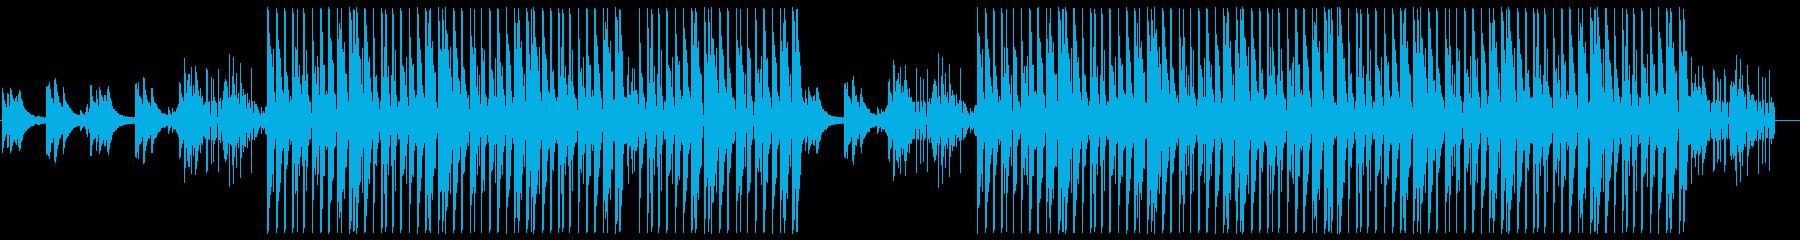 洋楽風R&B♪トラップソウルの再生済みの波形